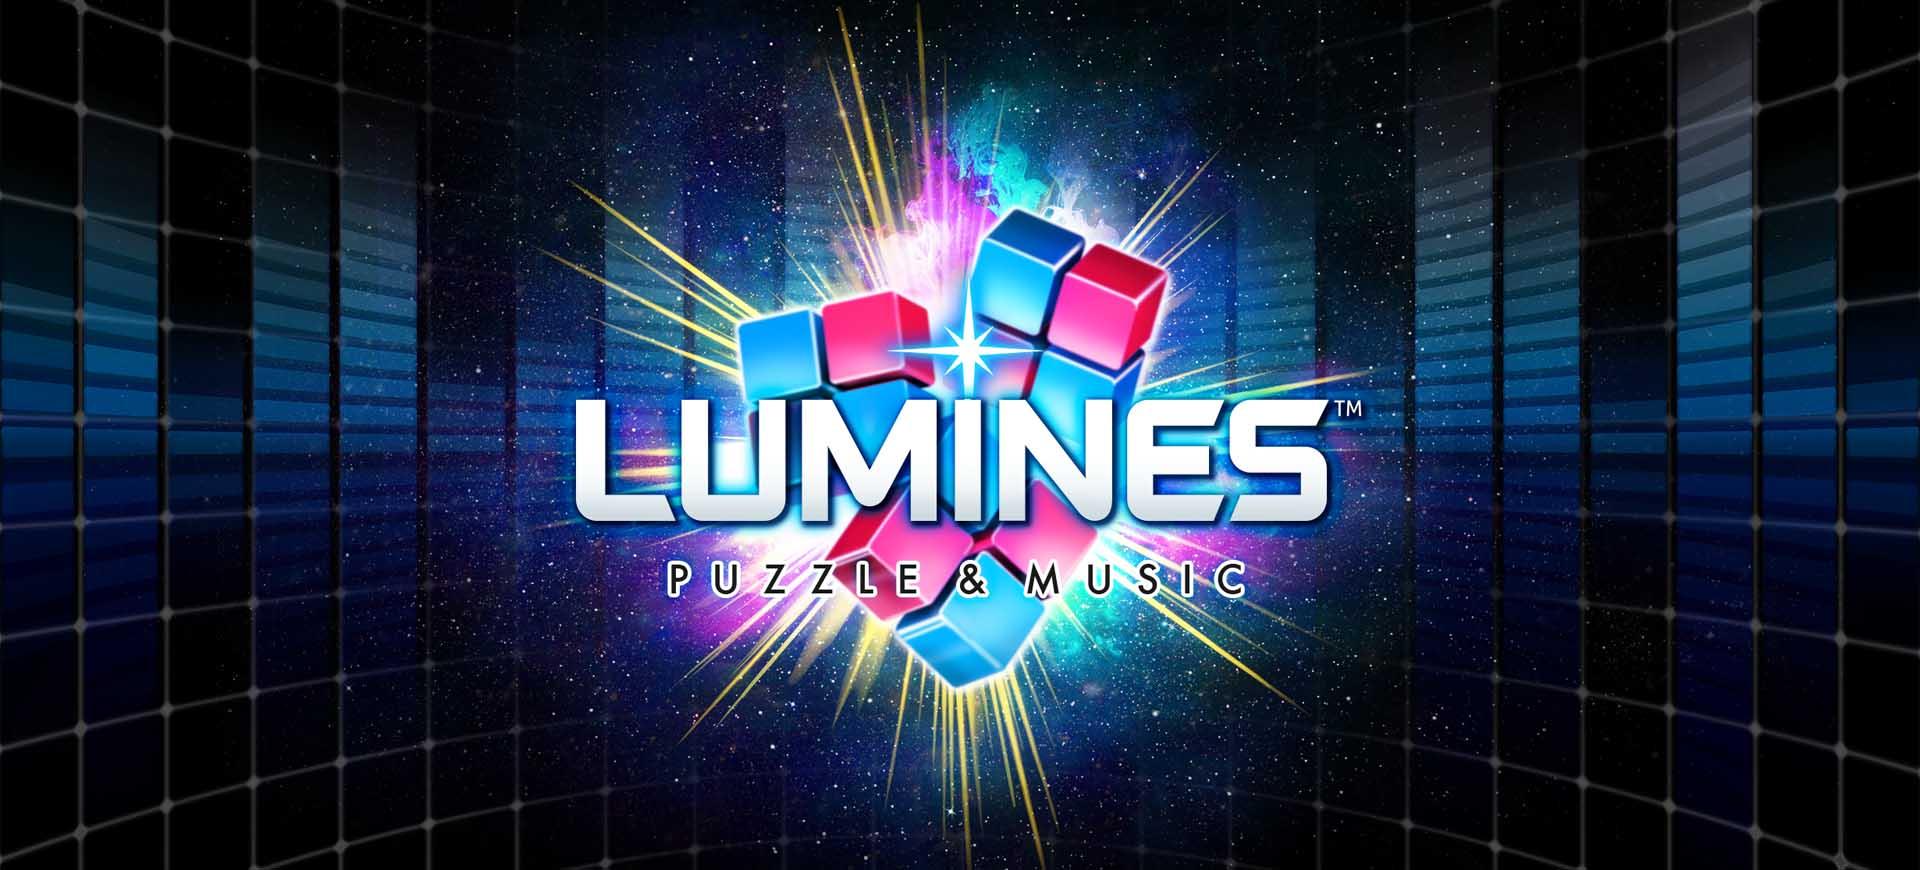 Lumines: Puzzle & Music công bố ngày phát hành trên toàn cầu – Tin Game Mobile